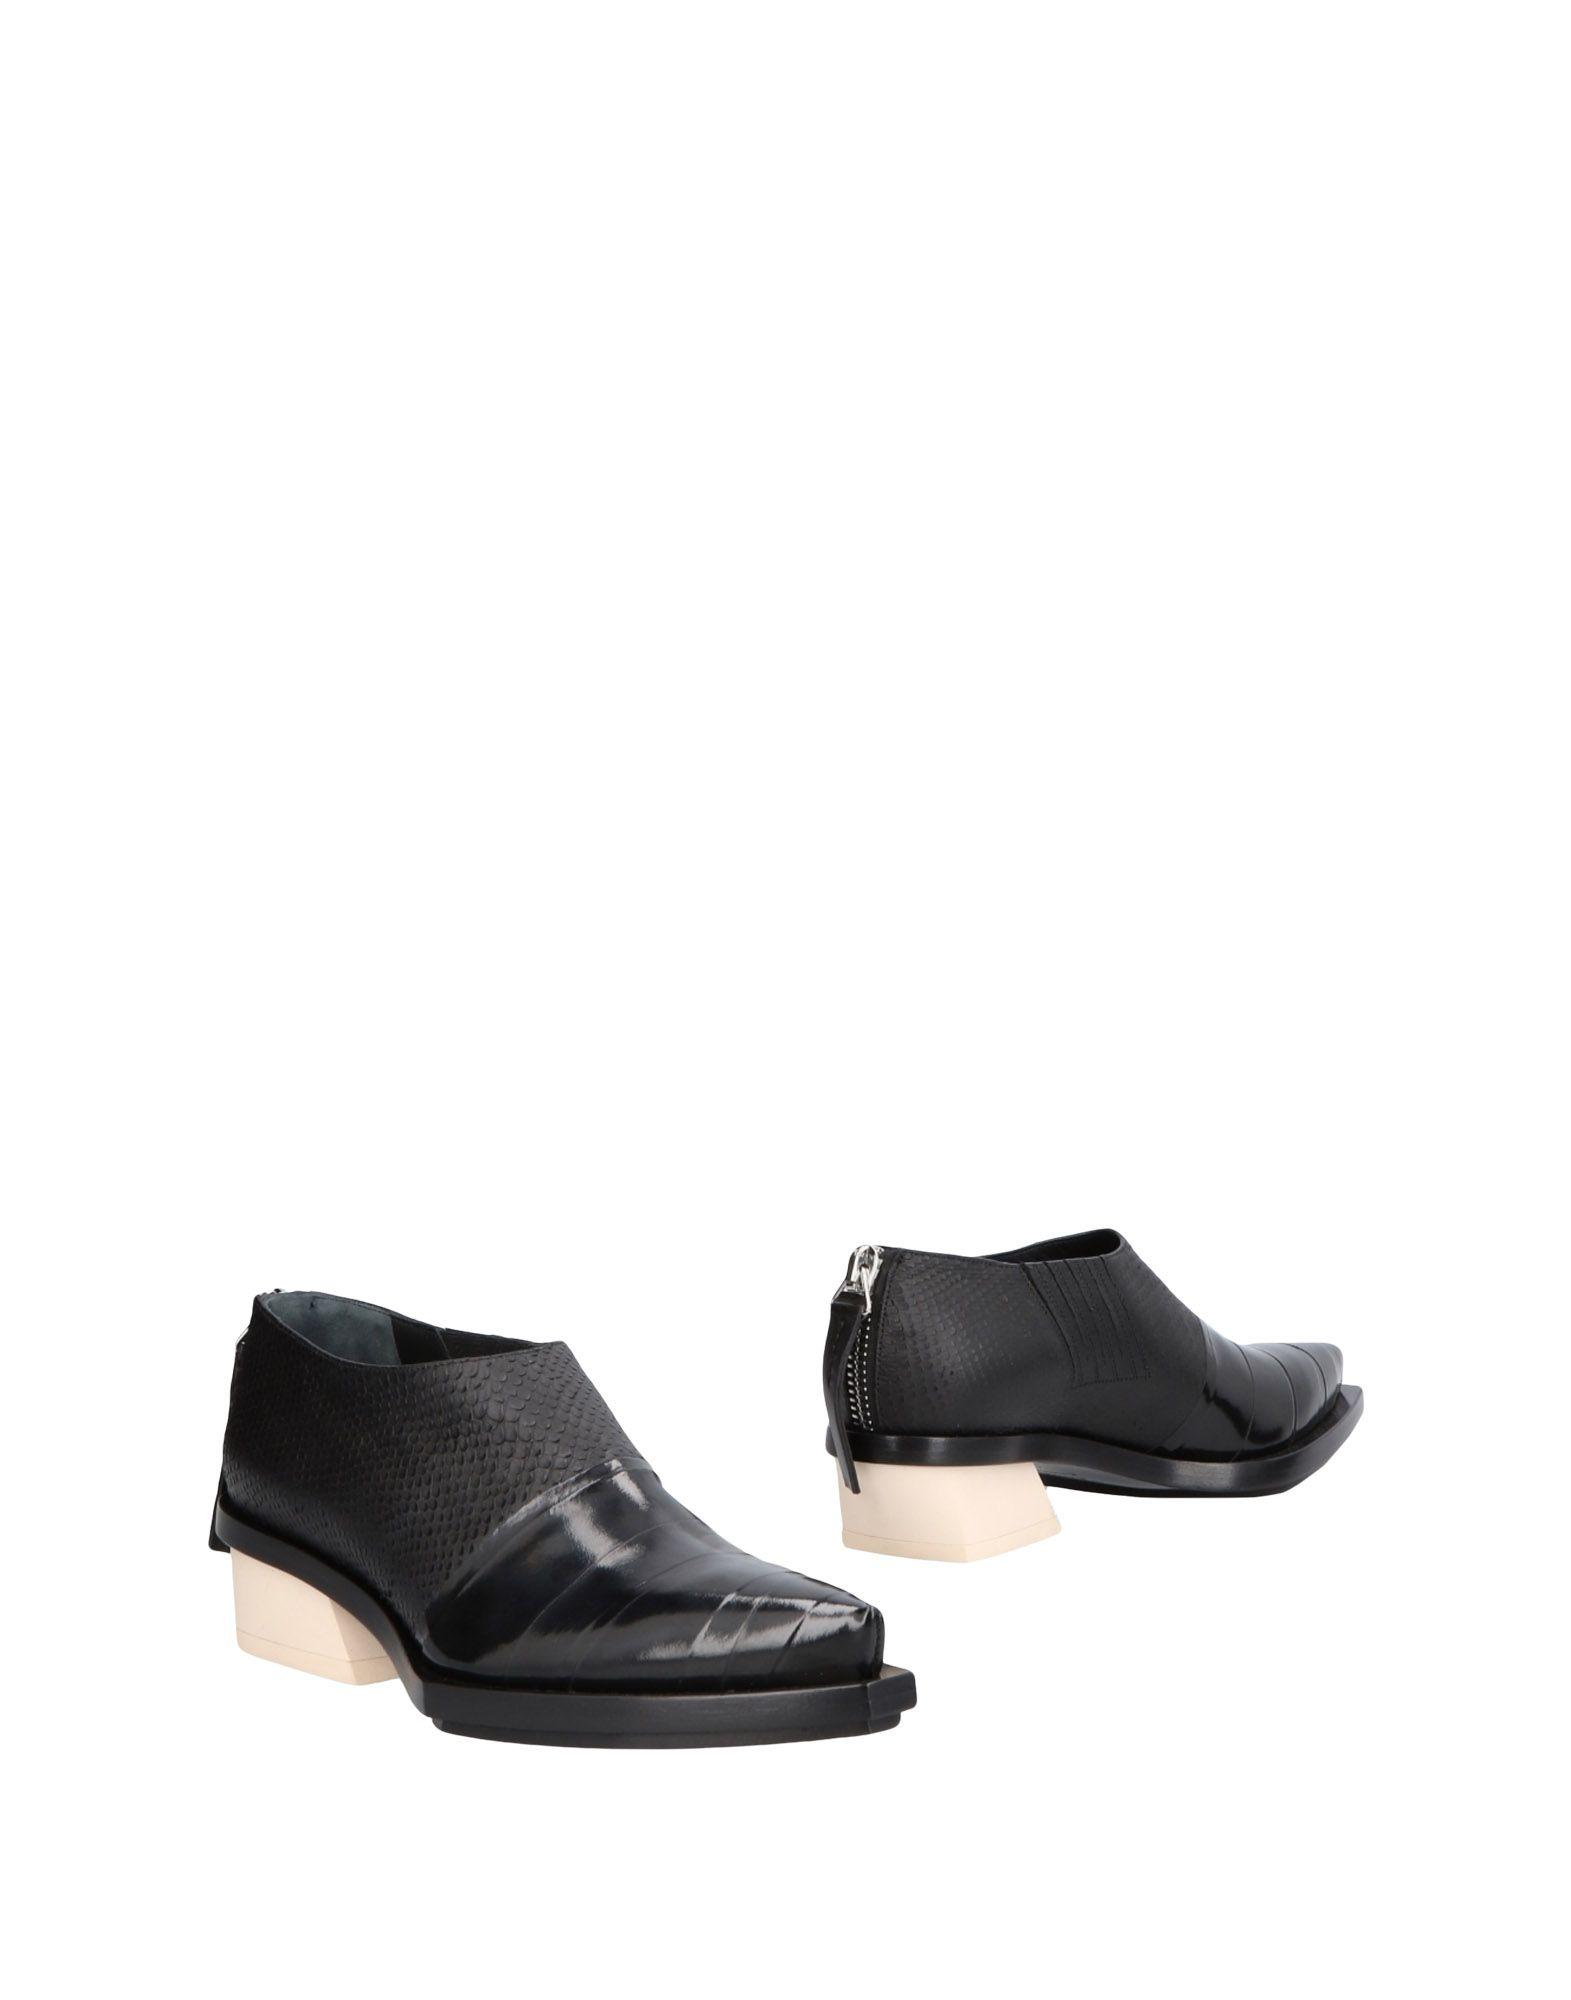 Proenza Schouler Ankle Boot - Women Proenza Schouler  Ankle Boots online on  Schouler United Kingdom - 11482499JO 8870d2